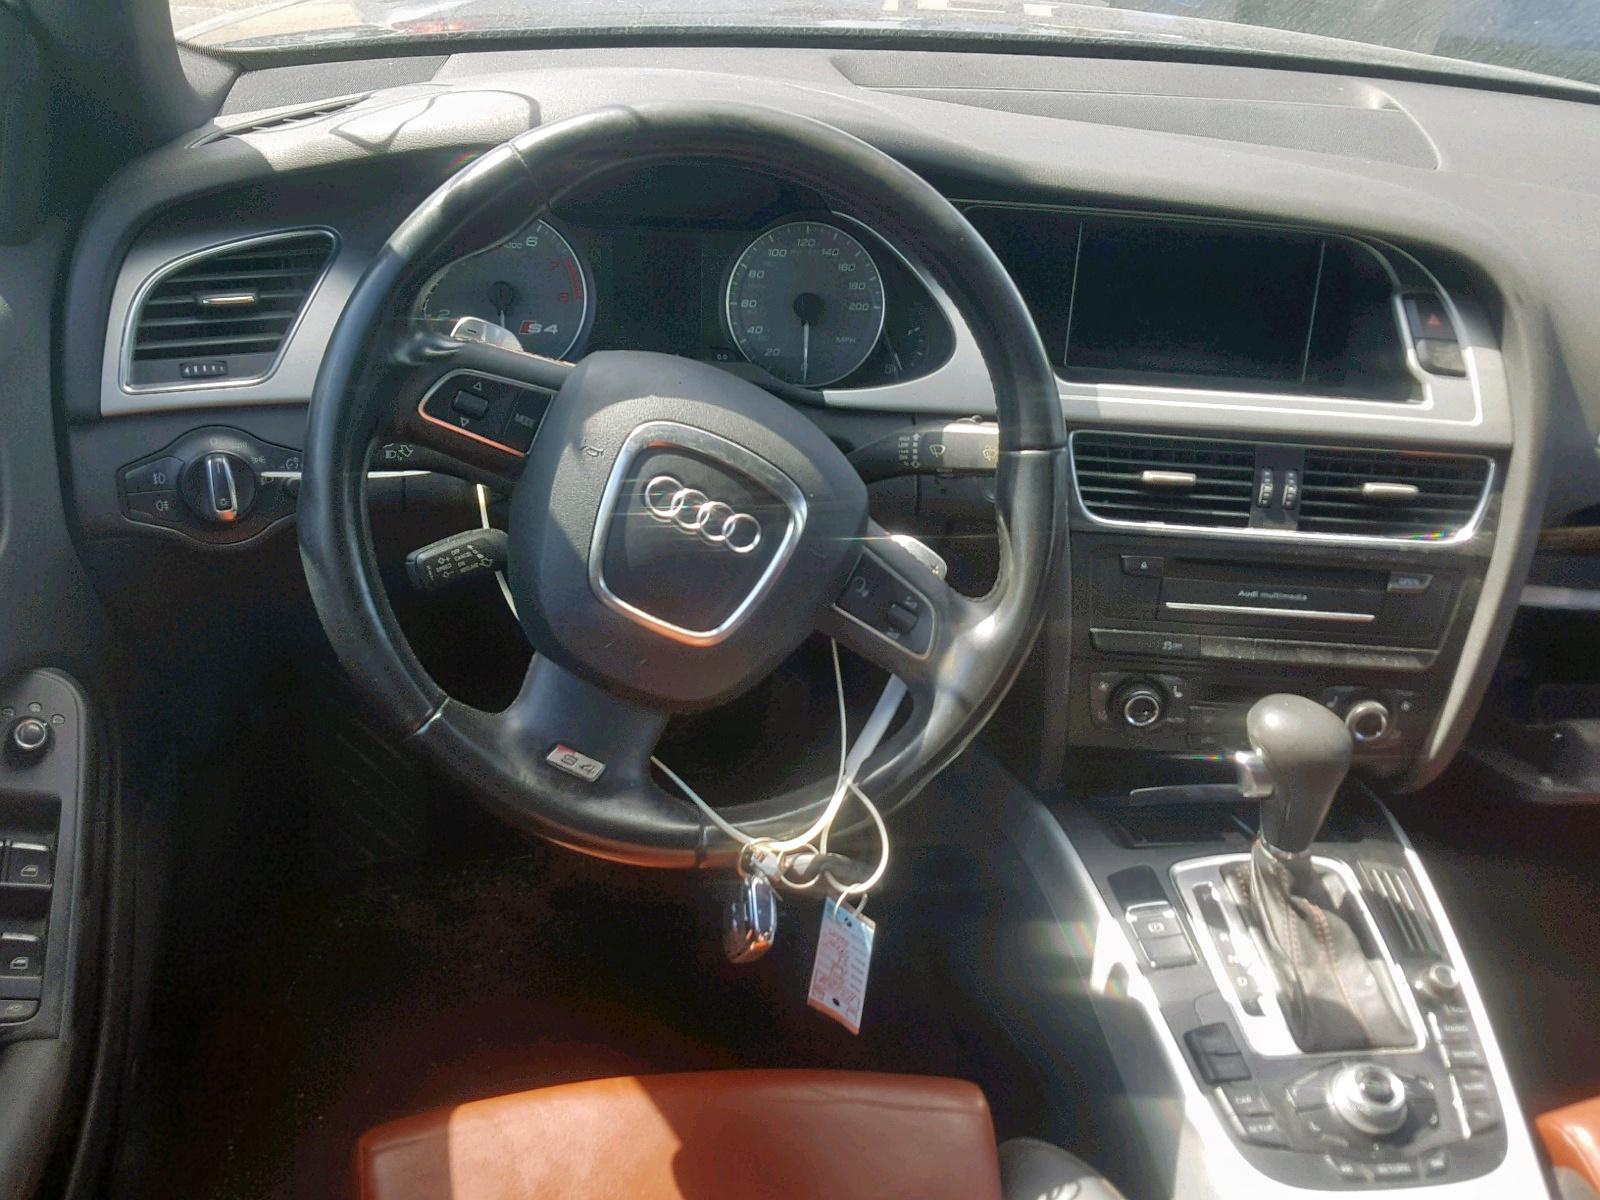 WAUBGAFL2BA031403 - 2011 Audi S4 Premium 3.0L engine view